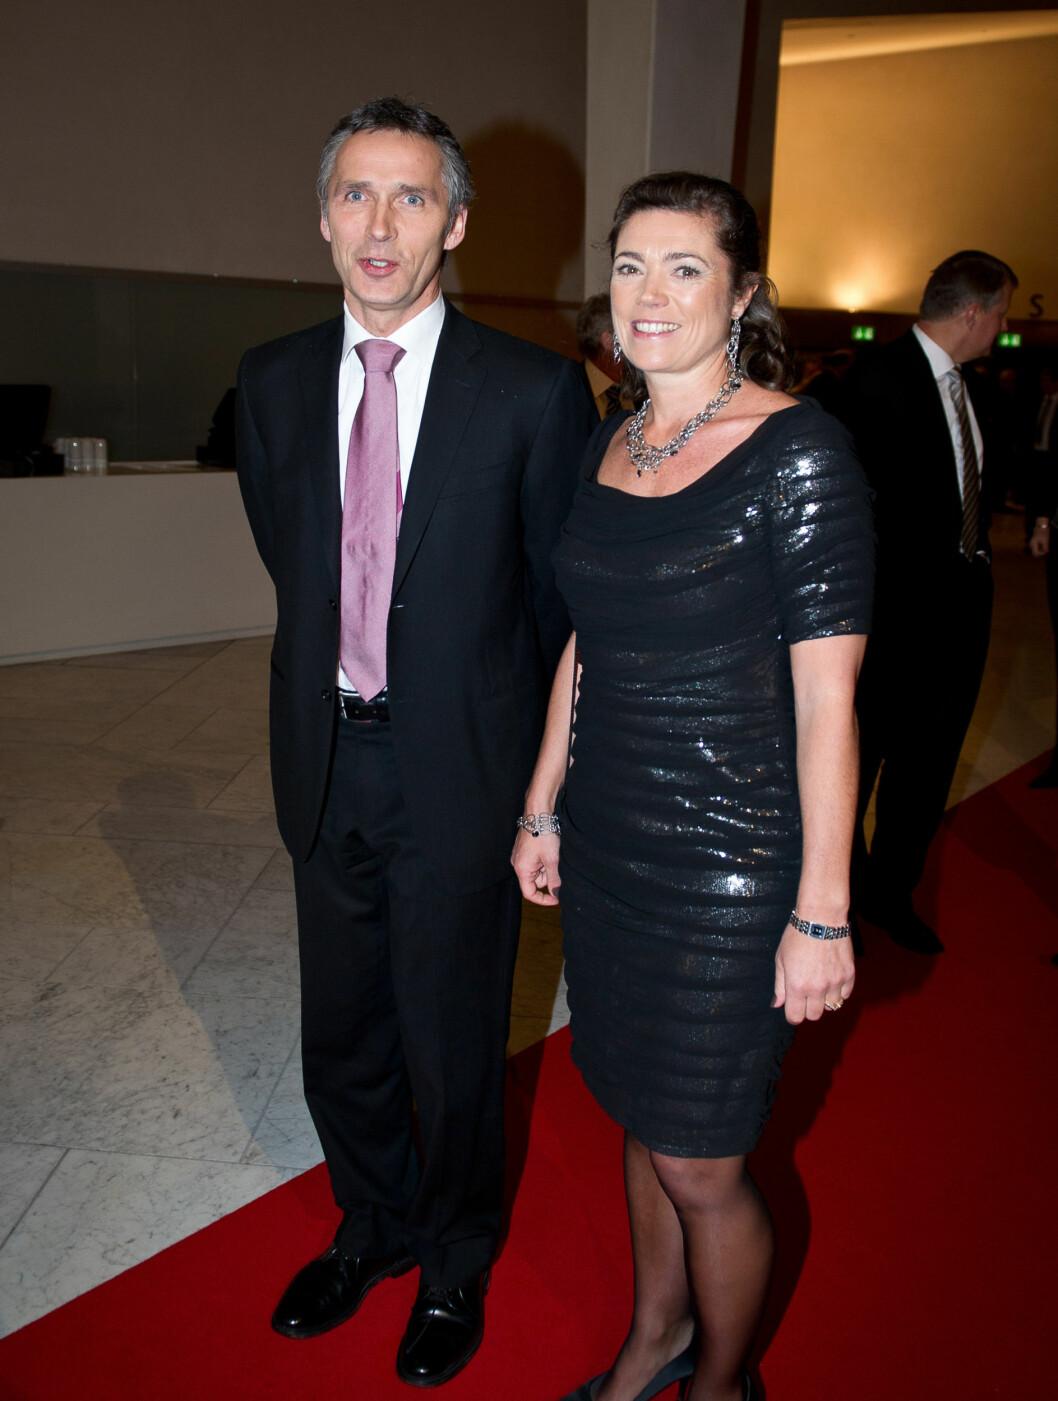 <strong>PROMINENT GJEST:</strong> Statsminister Jens Stoltenberg ble tatt i mot av NHO-president Kristin Skogen Lund. Foto: Stella Pictures